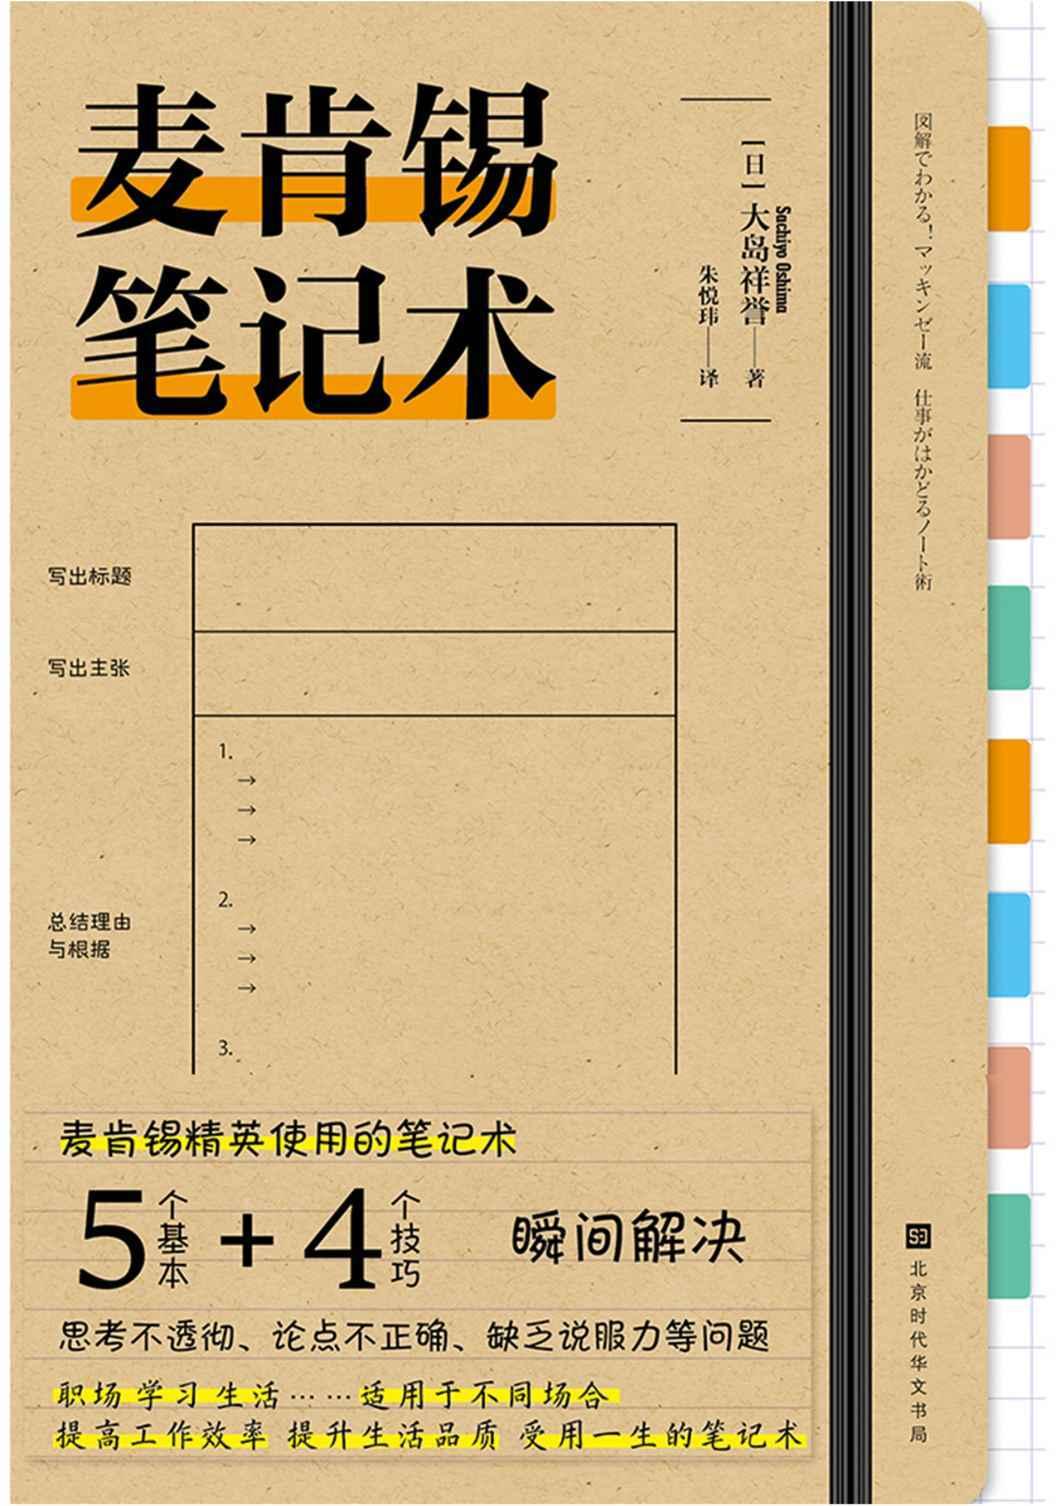 麦肯锡笔记术 [日] 大岛祥誉pdf-epub-mobi-txt-azw3